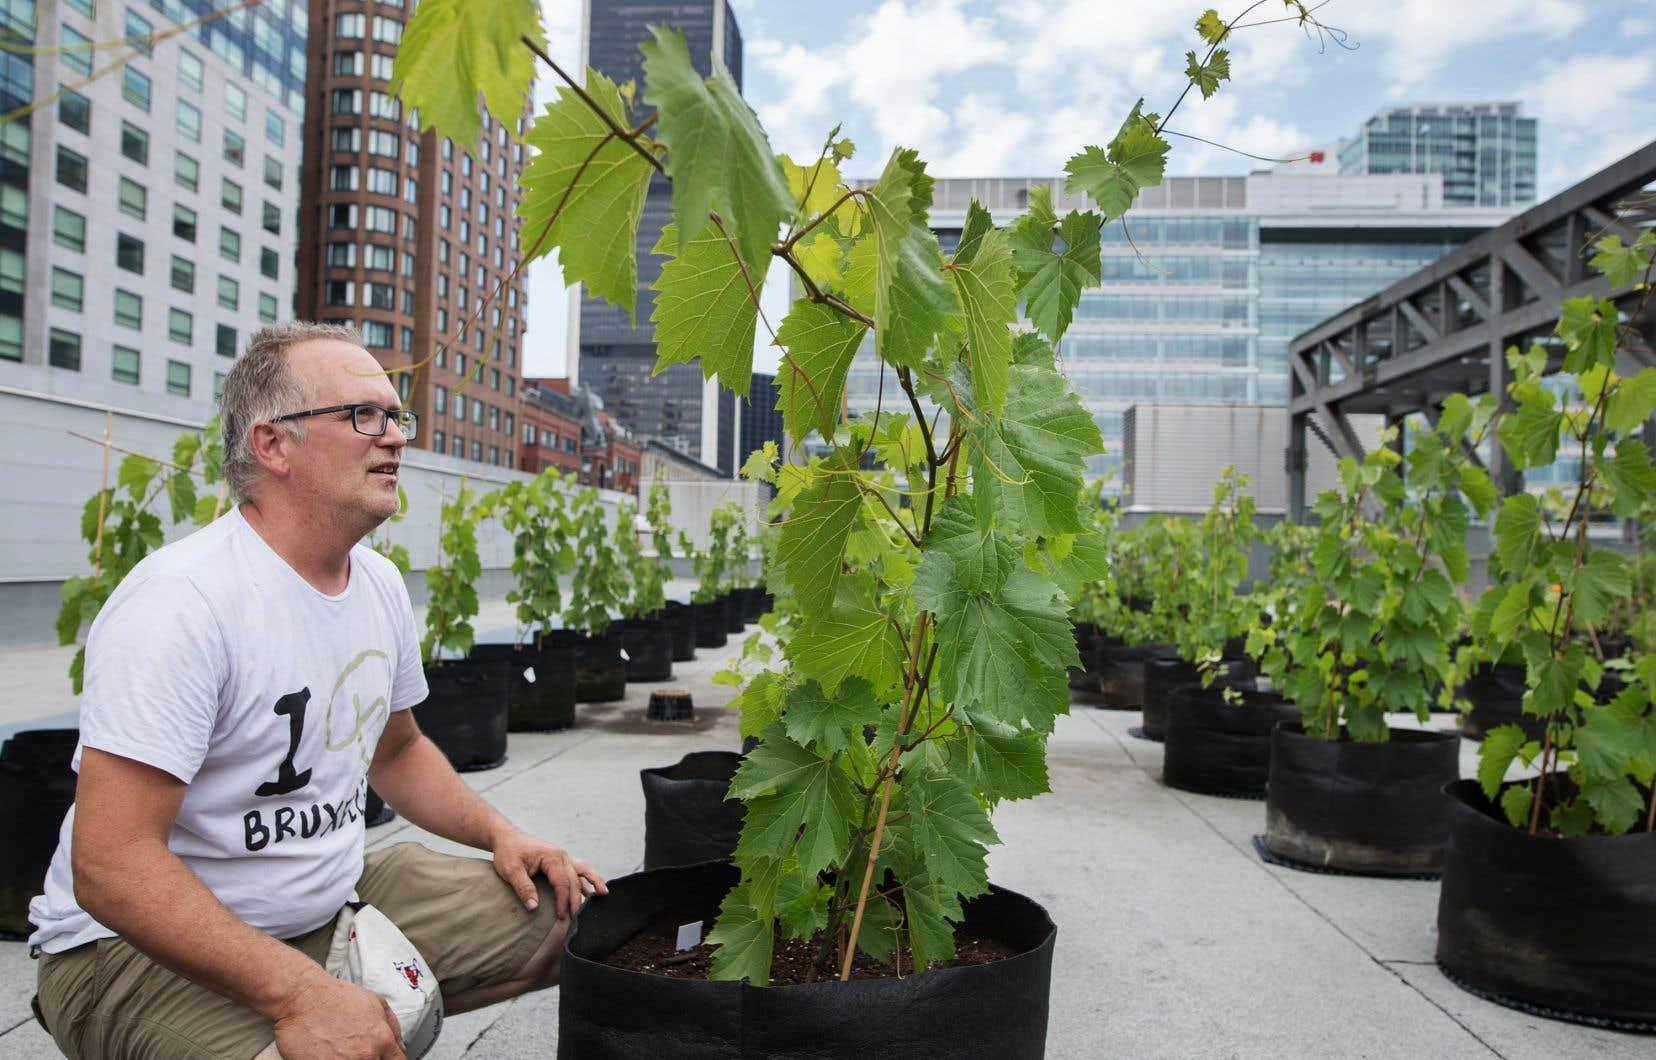 On mesure l'impact sur l'environnement des vignes par rapport aux autres types de toits verts, explique Éric Duchemin, directeur du Laboratoire sur l'agriculture urbaine.